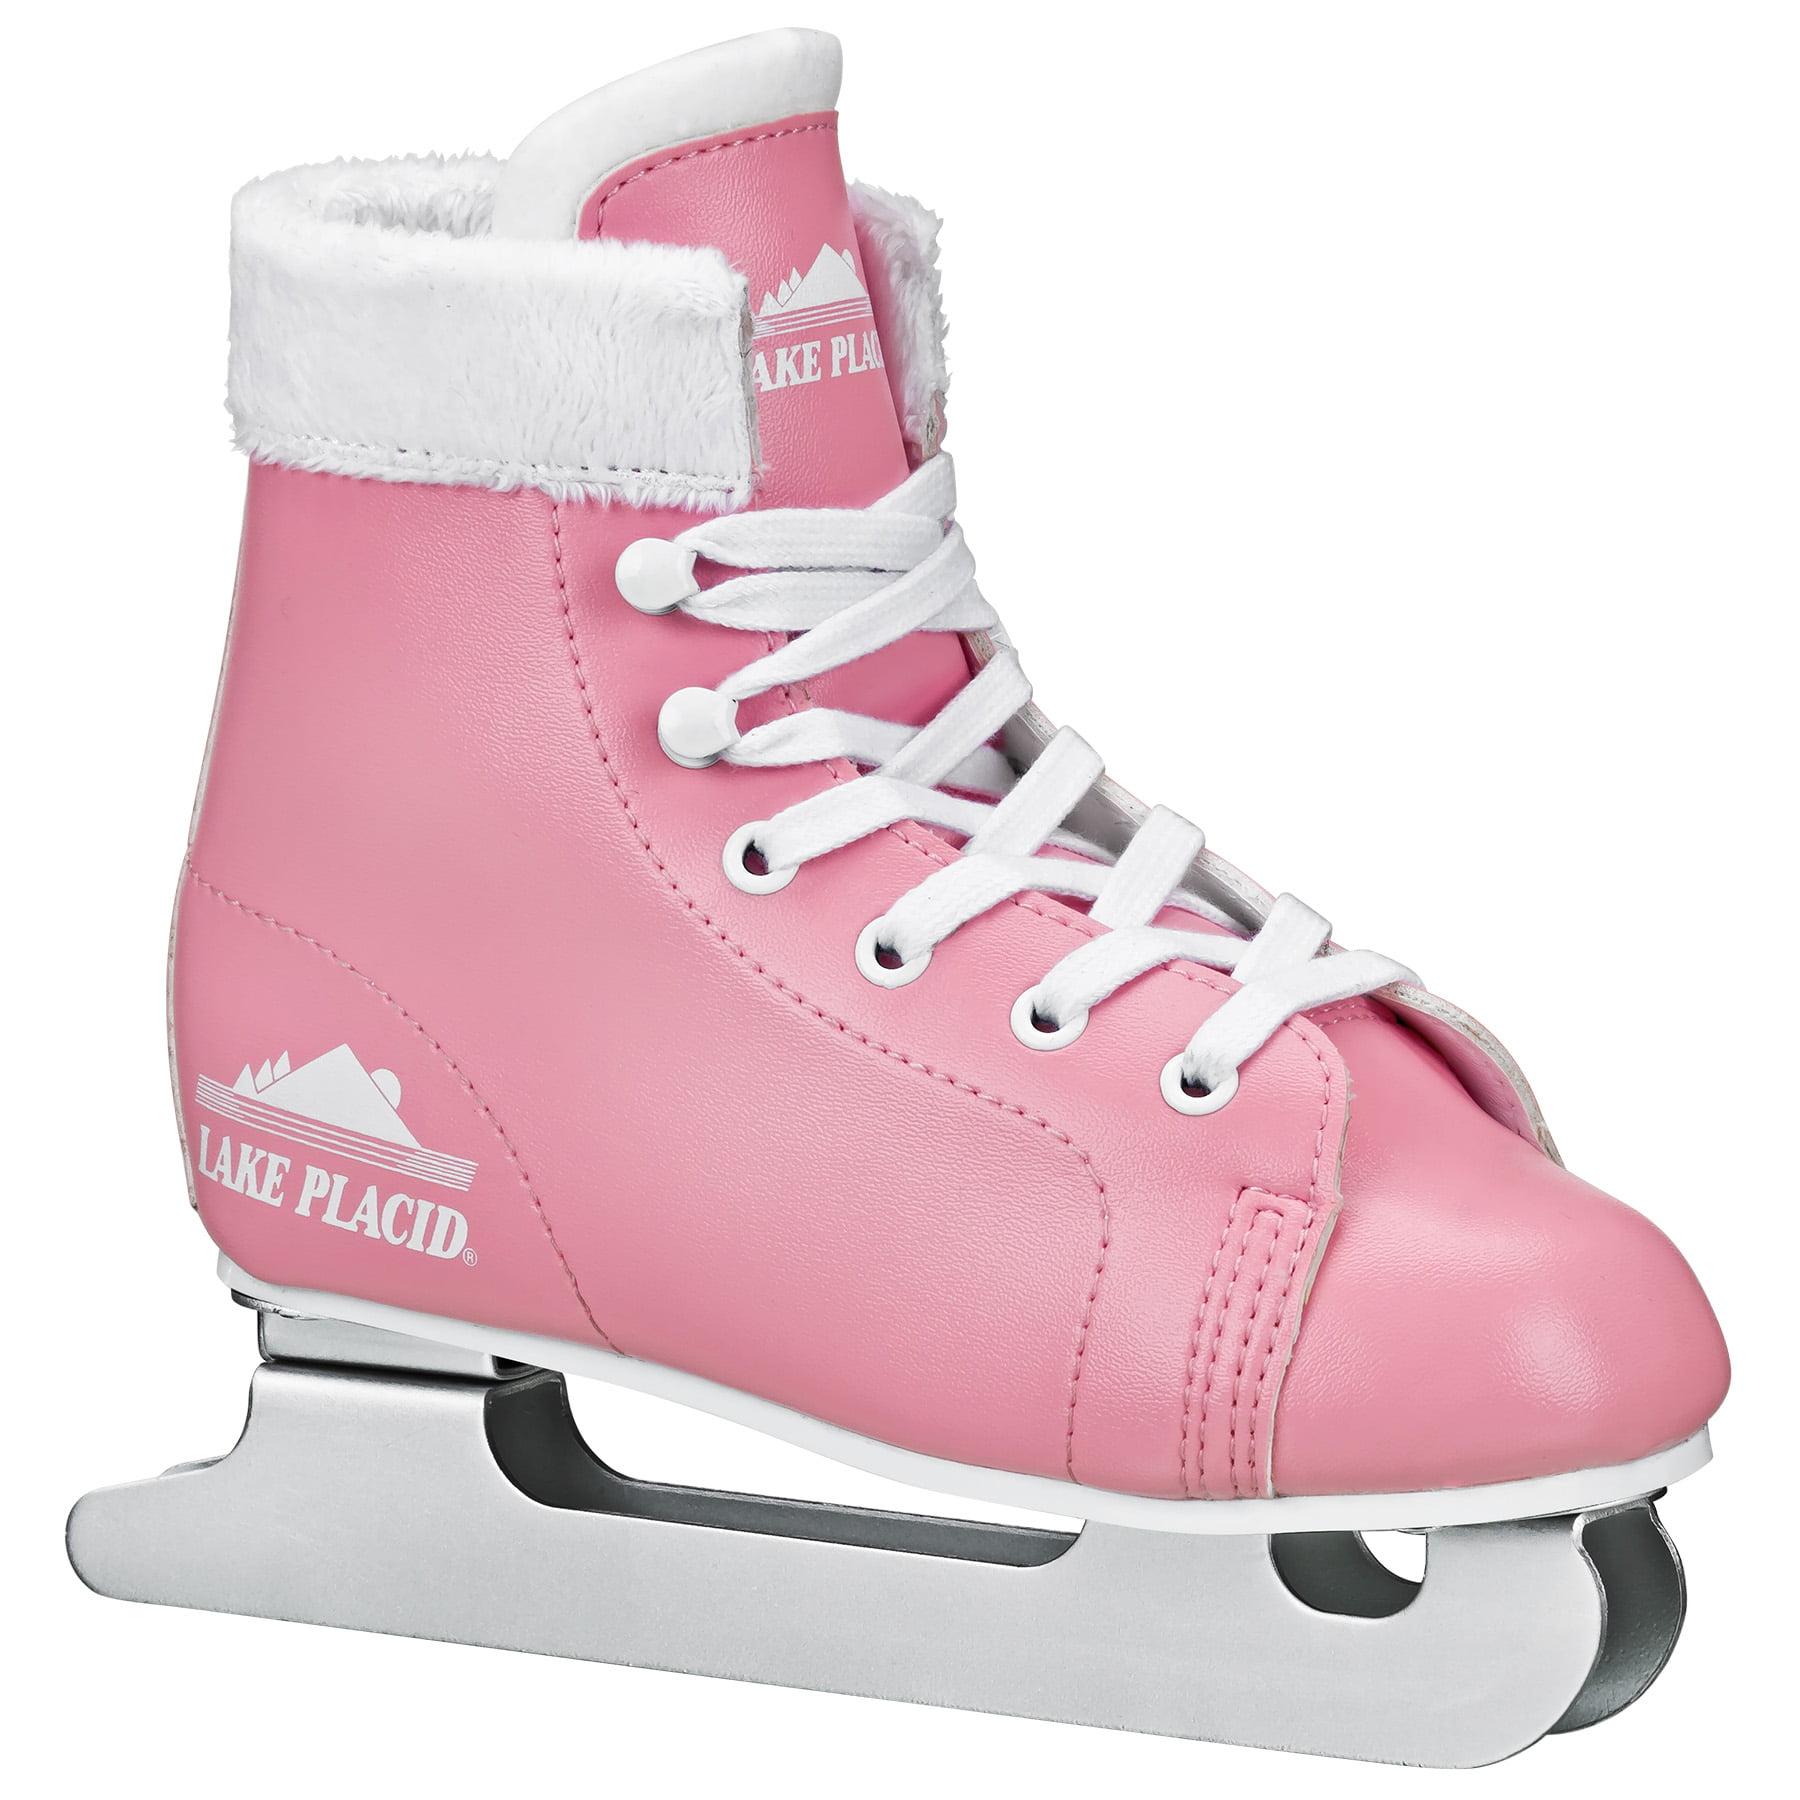 STARGLIDE Girl's Double Runner Figure Ice Skate